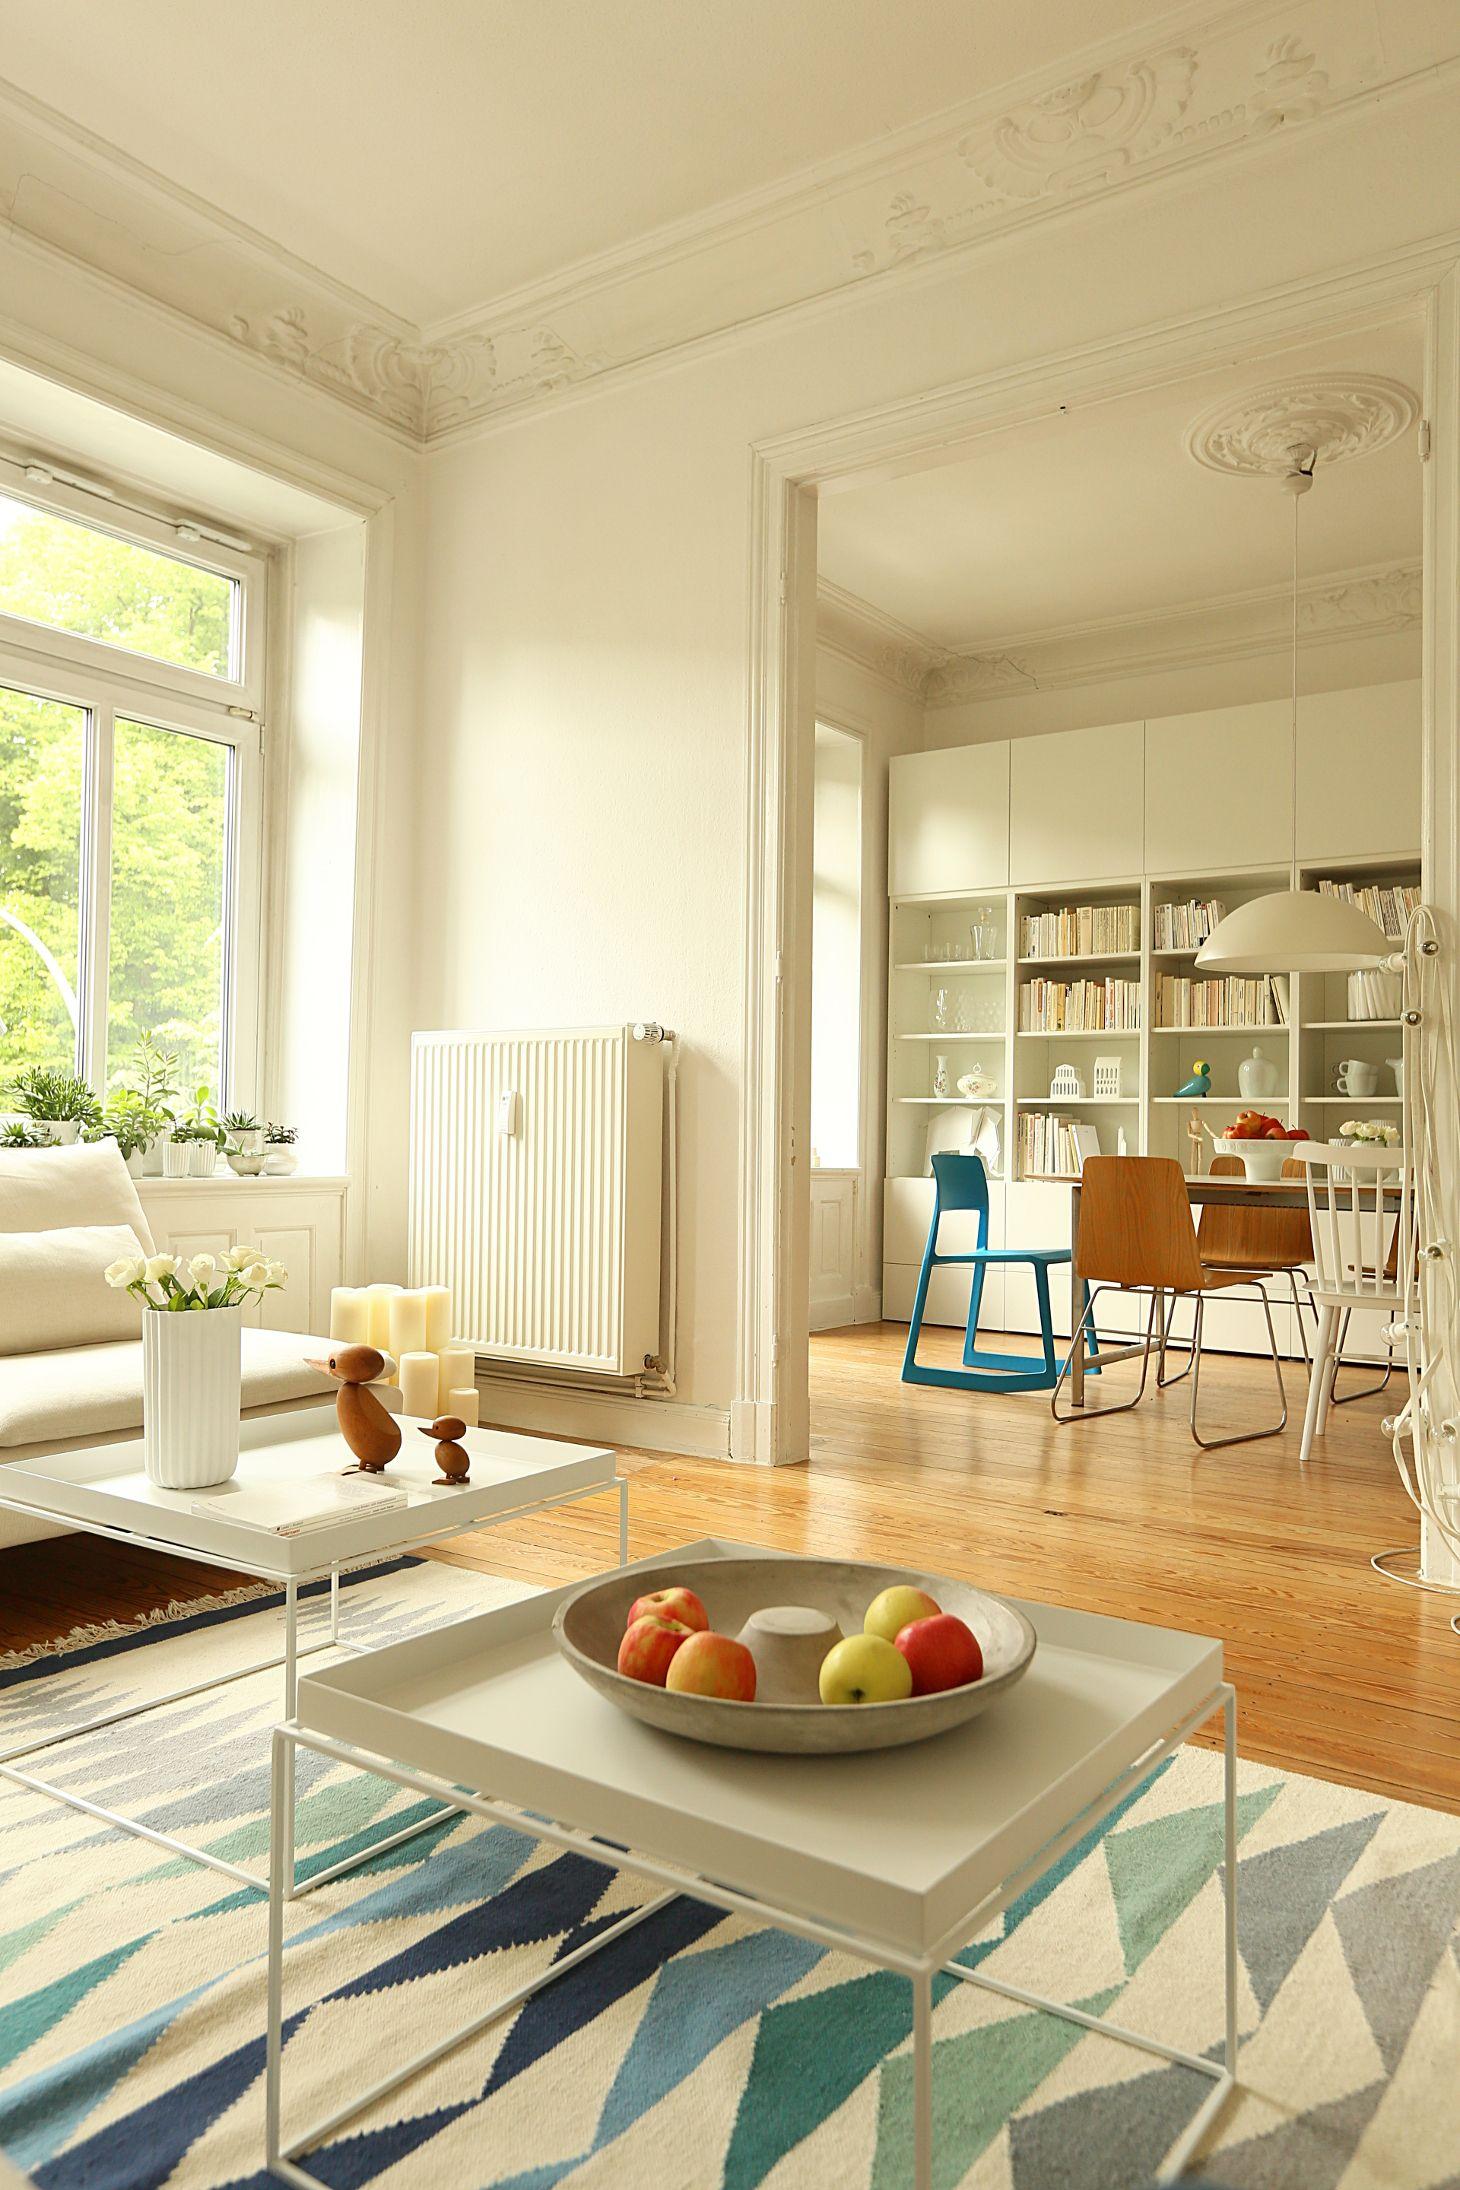 Wohnzimmer, Altbau, Bolia, Hay Tray, Ikea, Besta, Livingroom, Interior,  Wohnen, Einrichtung, Skandinavisch, Scandic, Tip Ton Vitra